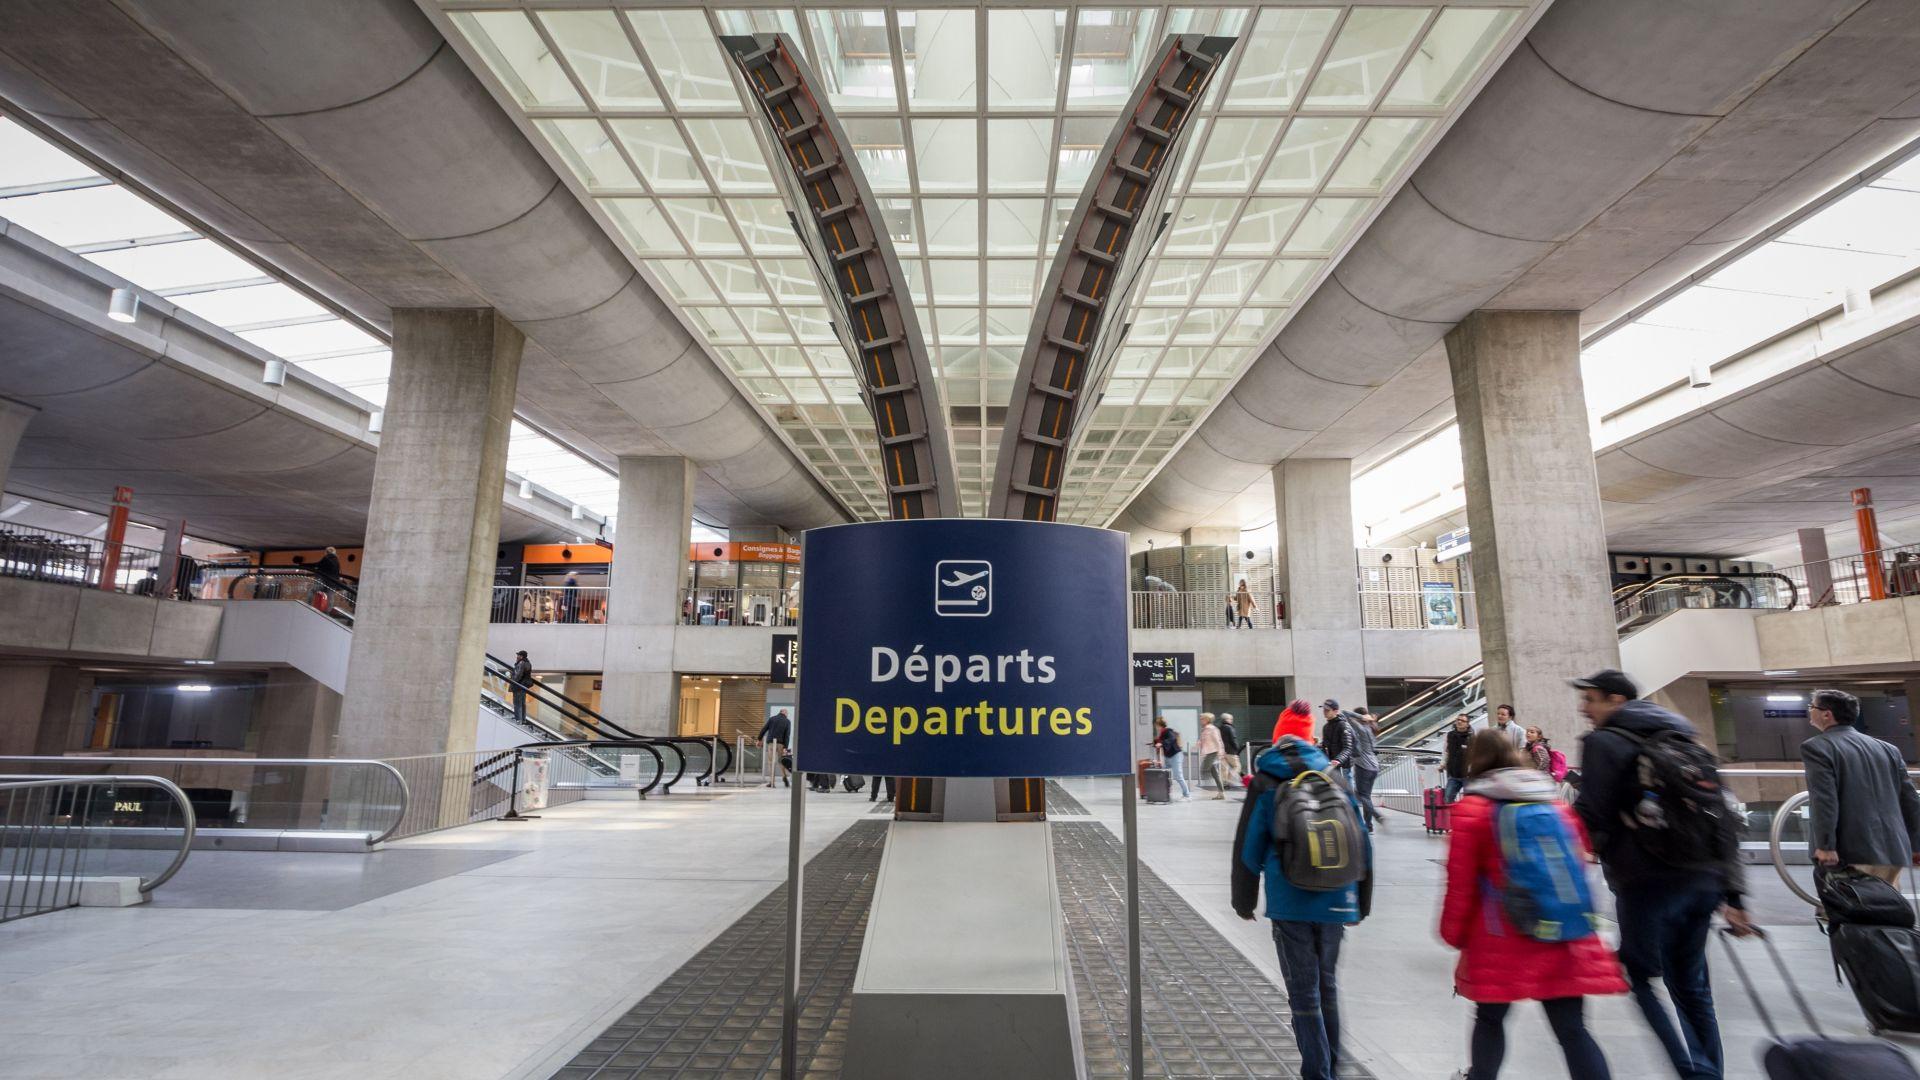 73-ма български граждани бяха задържани на парижкото летище Шарл де